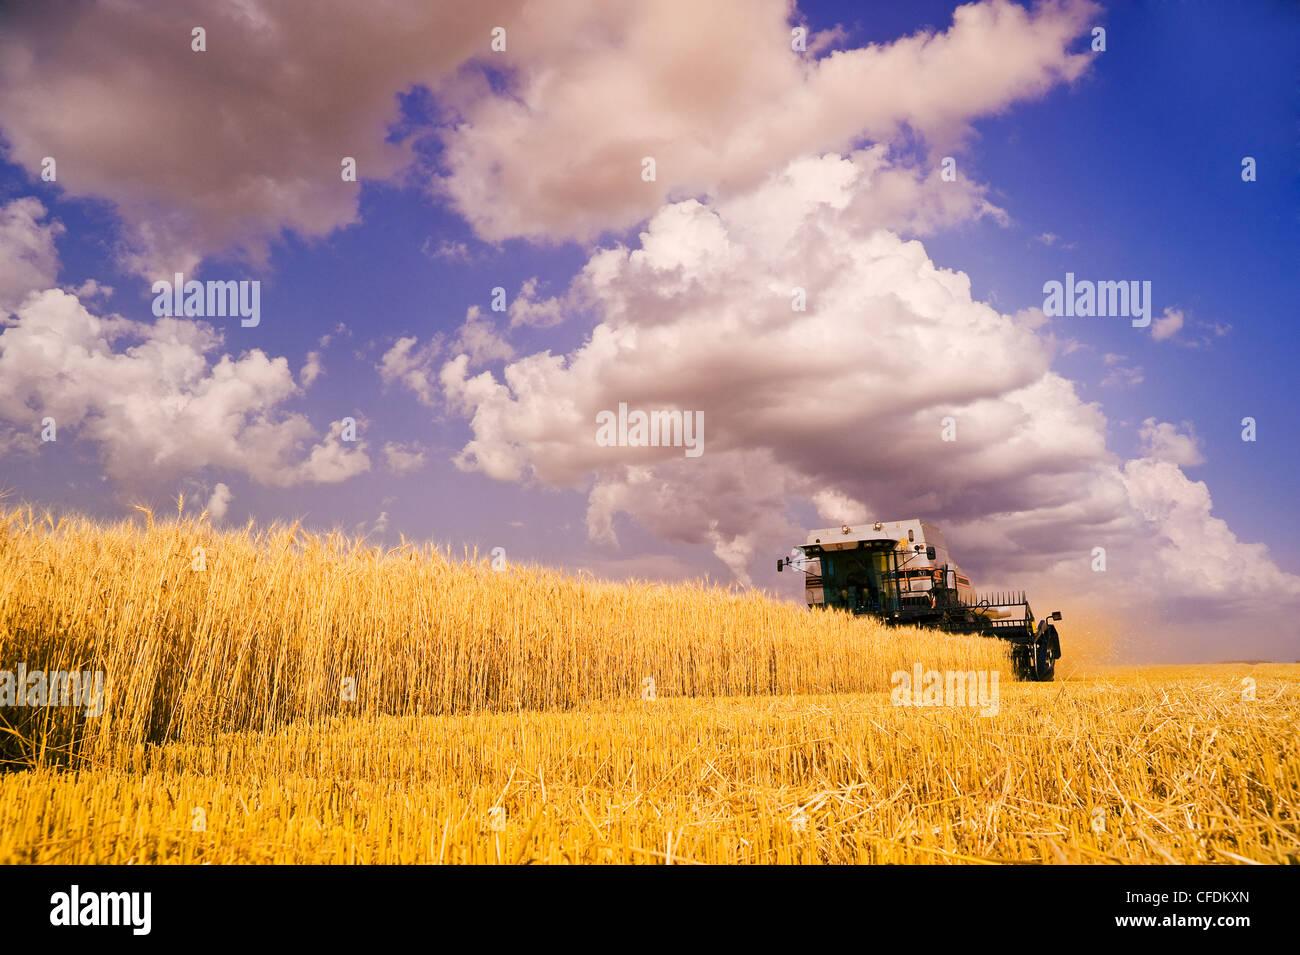 Ein Mähdrescher Harvester arbeitet in einem Feld von Winterweizen, Cumulonimbus Wolke sammeln sich in den Himmel, Stockbild